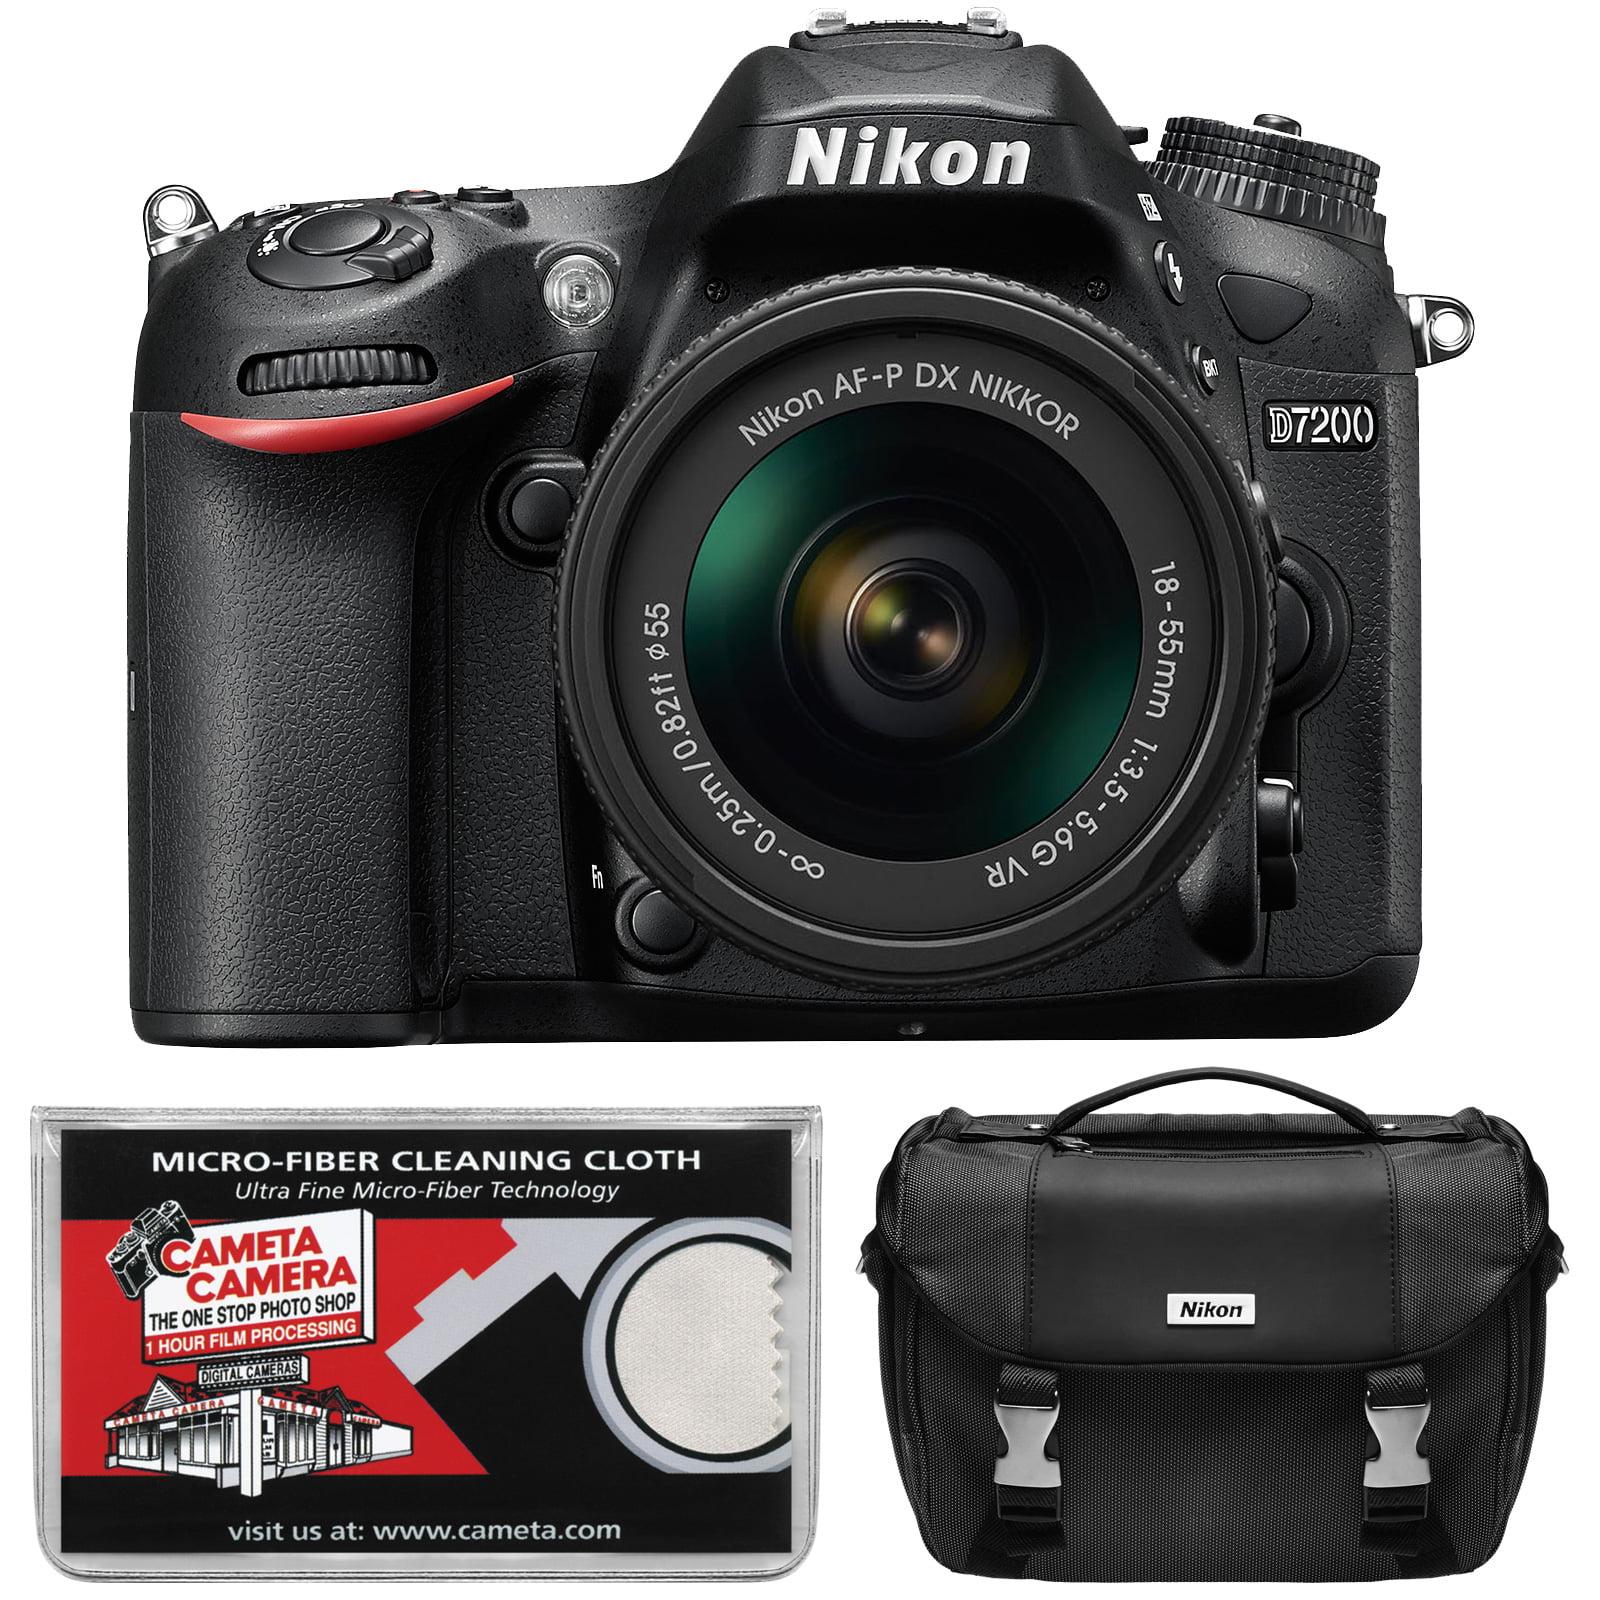 Nikon D7200 Wi-Fi Digital SLR Camera Body - Factory Refurbished with AF-P 18-55mm G VR DX Zoom Lens + Case + Kit